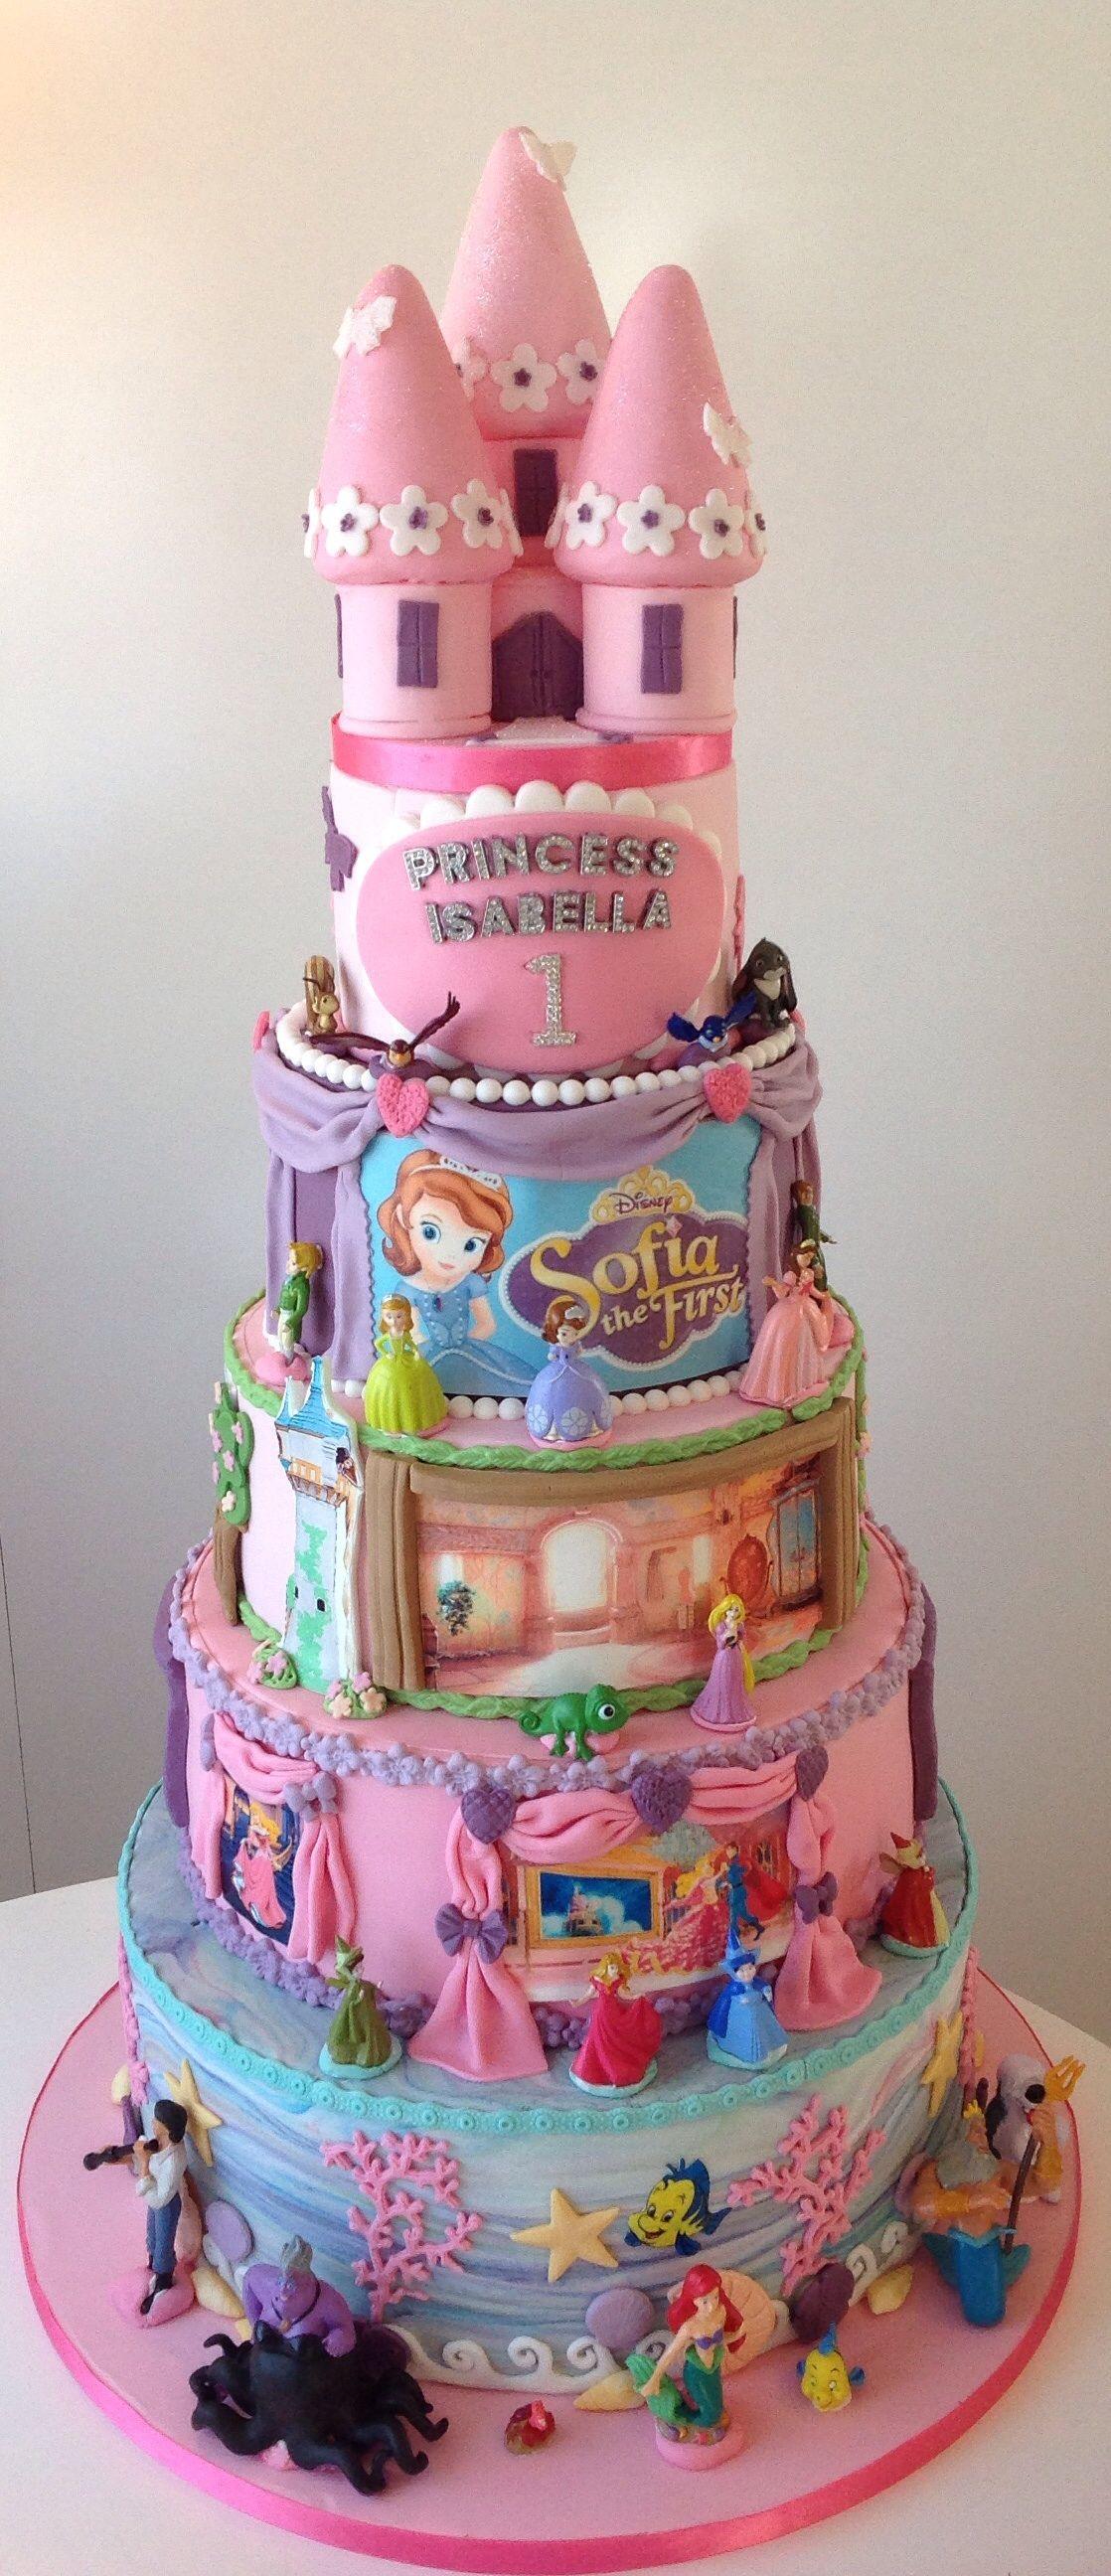 Disney Princess 1St Birthday Cake Disney birthday cakes